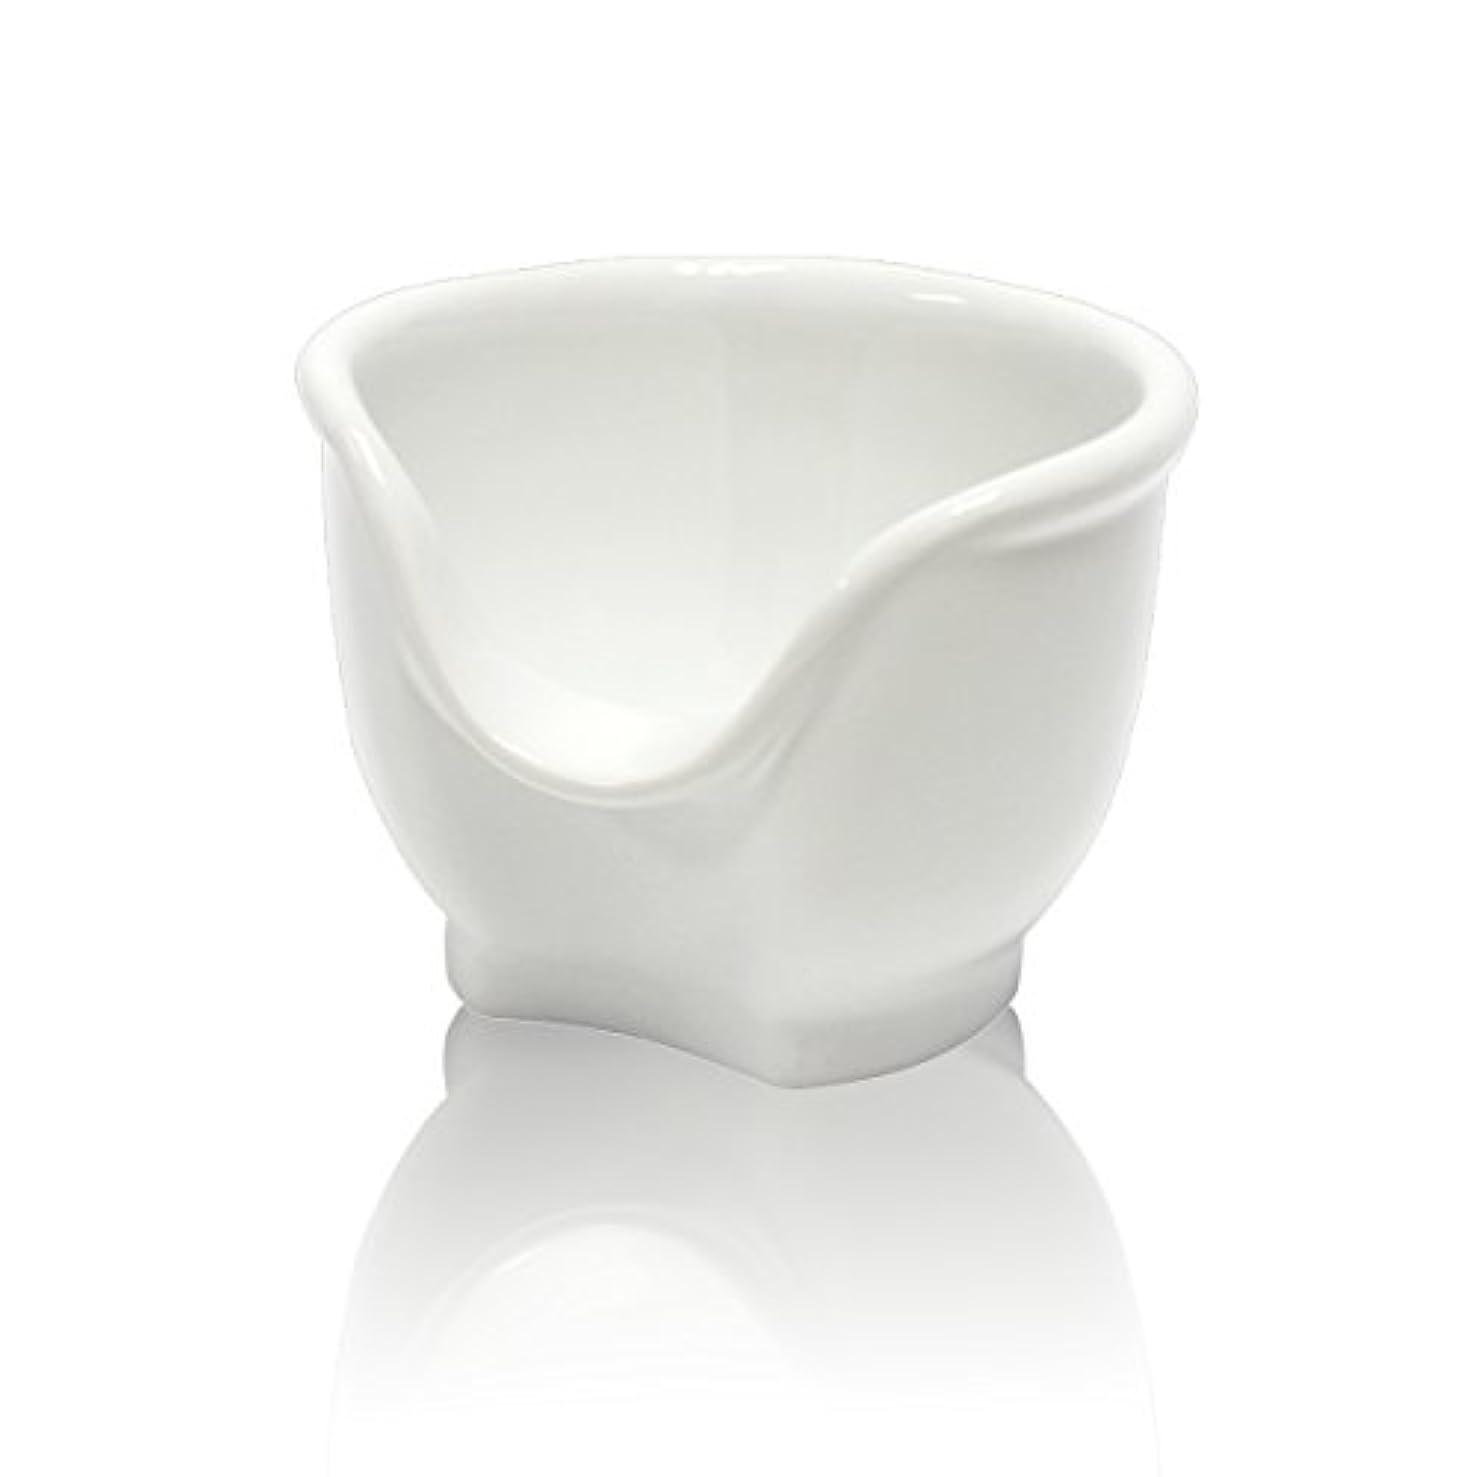 リマ普及見ましたSignstek 磁器製シェービングカップ シェービングボウル 髭剃り石鹸カップ ホワイト